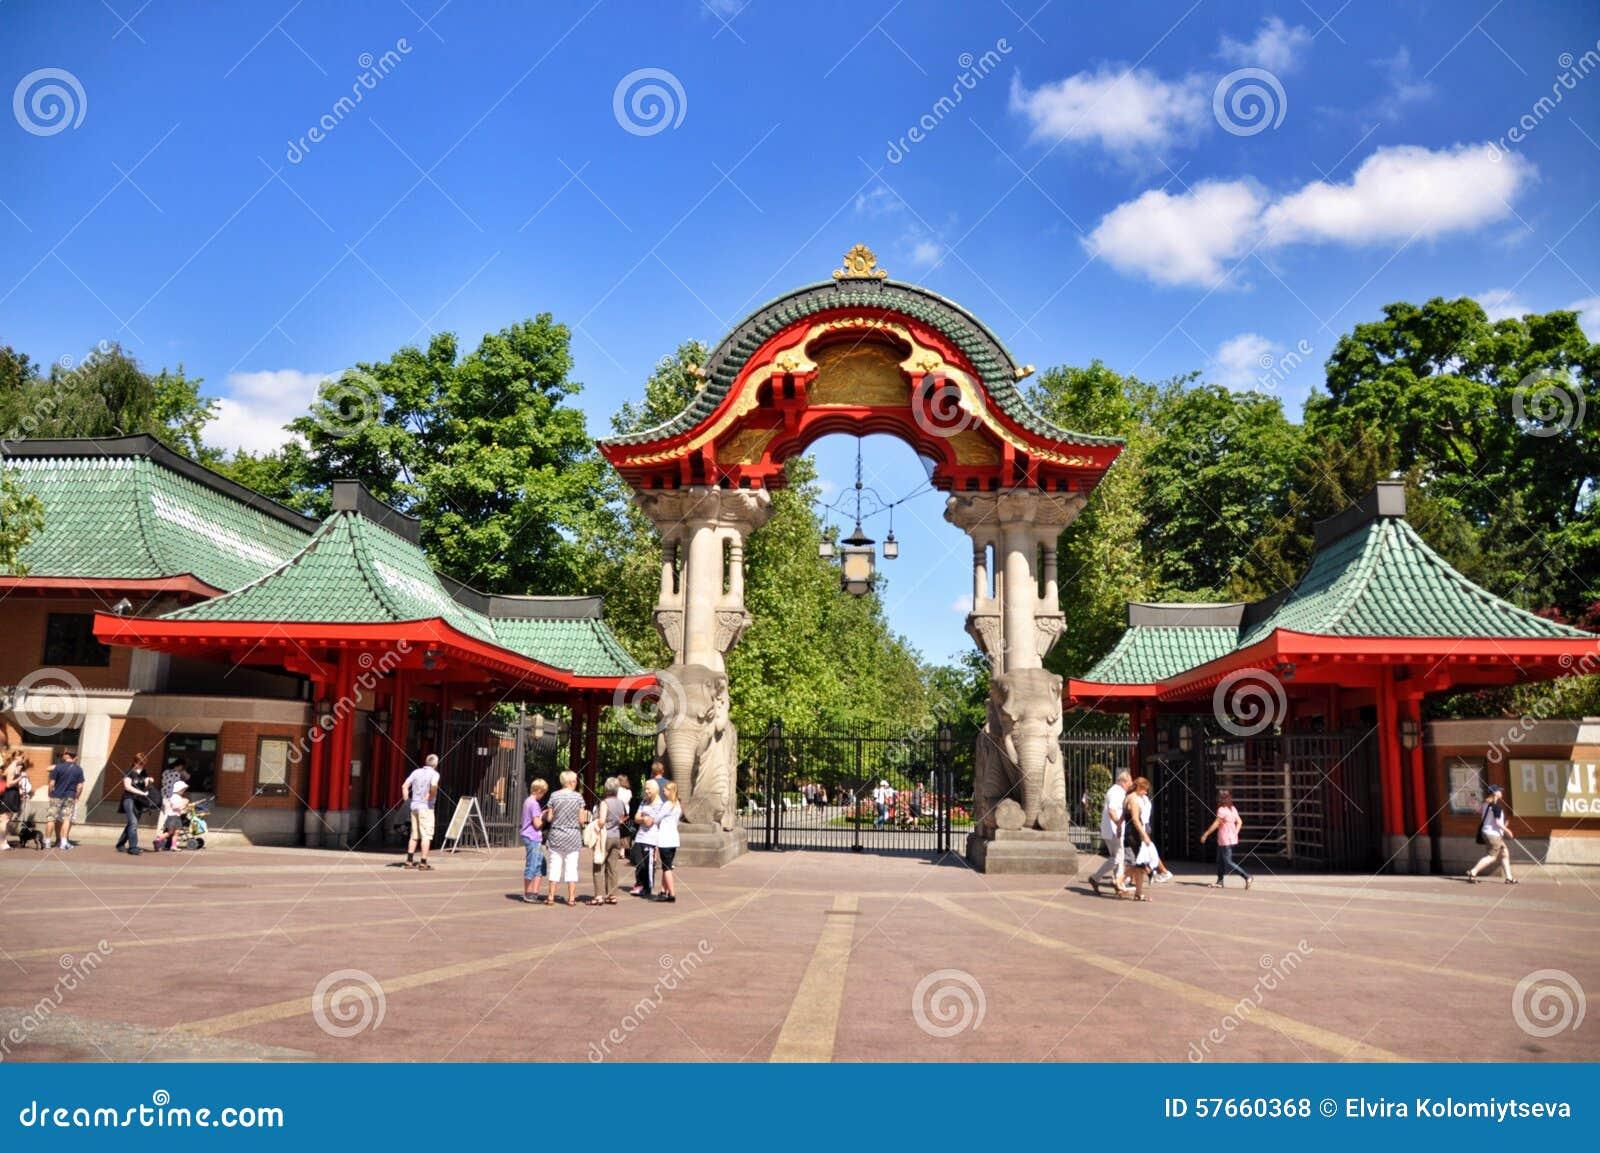 Bezoekers die een kaartje kopen bij de ingang van berlin zoo duitsland redactionele stock foto - Ingang van een huis ...